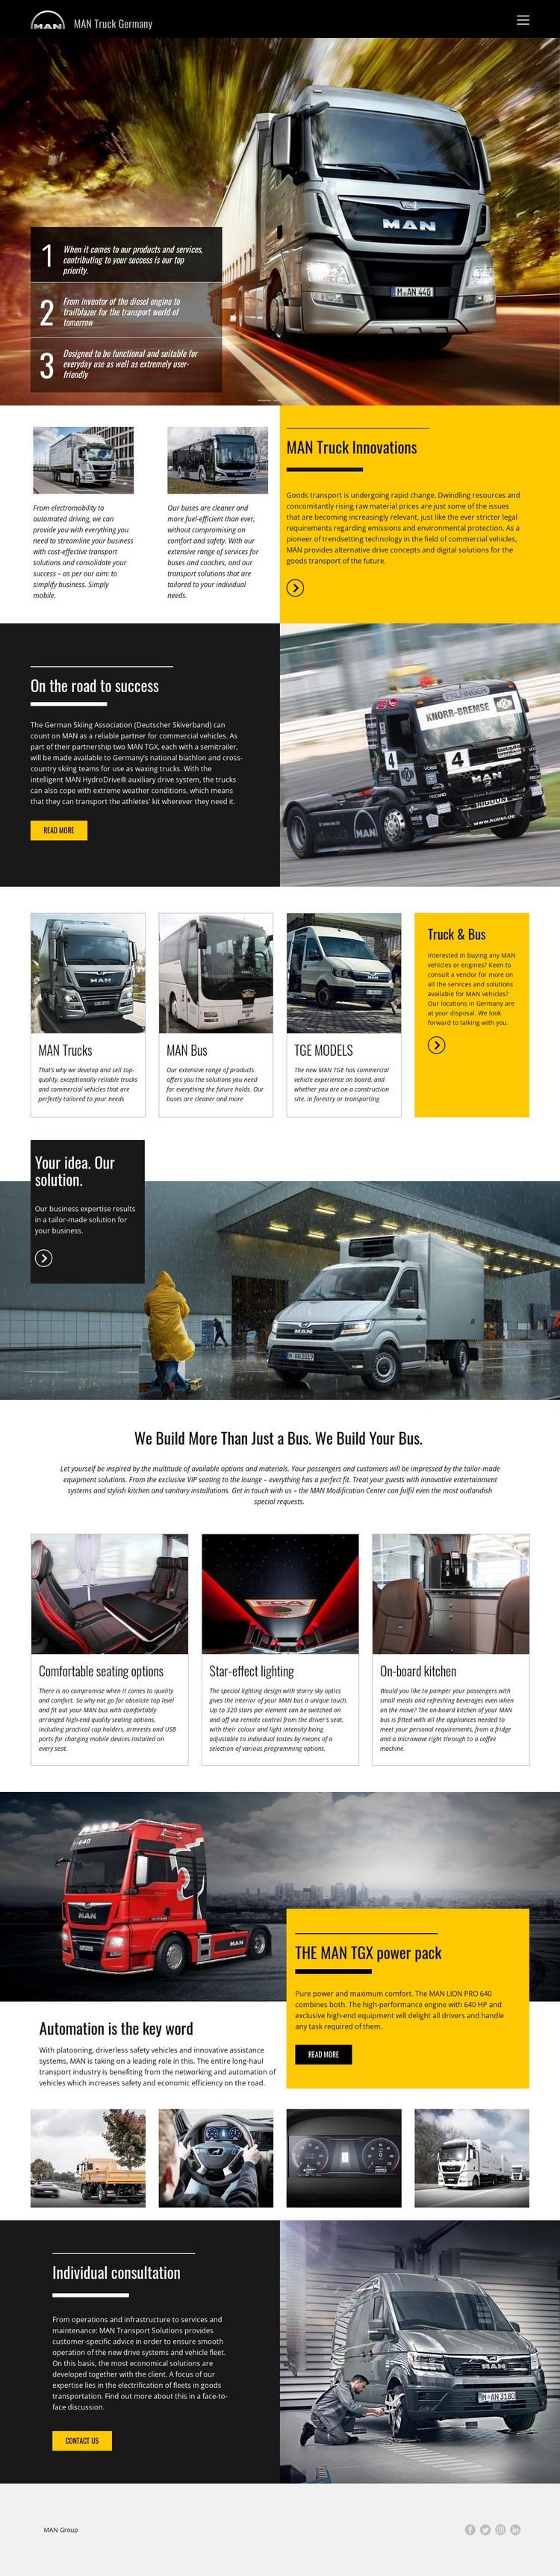 Man trucks for transportation Html Code